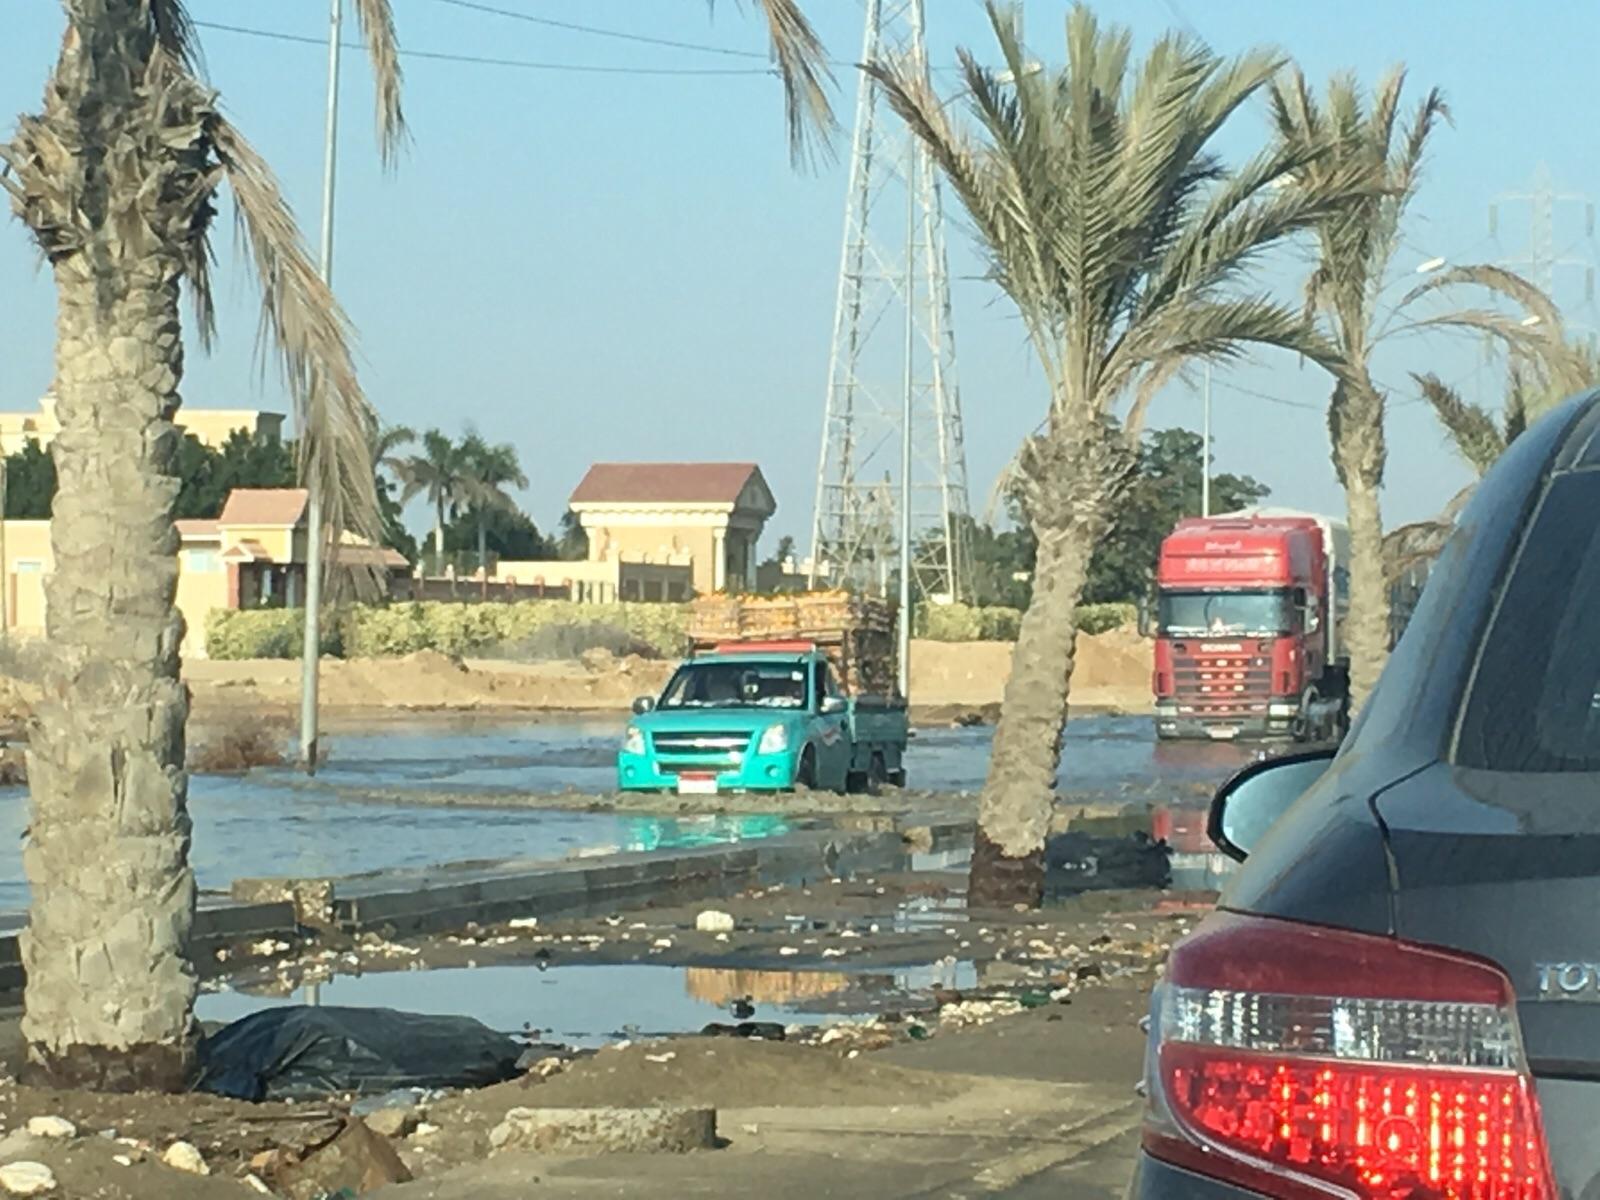 انفجار ماسورة مياه يعرقل المرور على وصلة دهشور أمام بيڤرلي هيلز